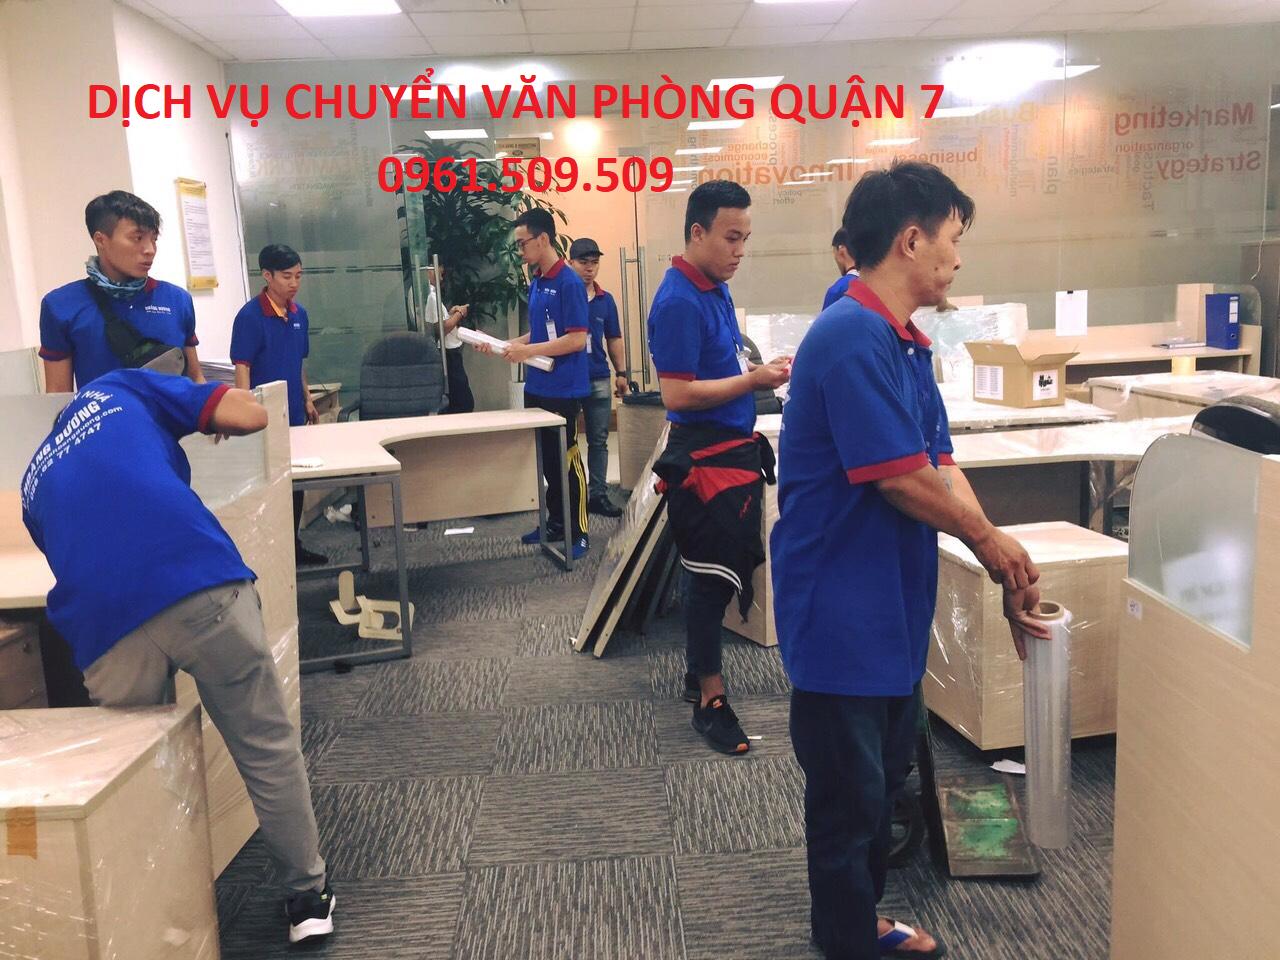 dịch vụ chuyển văn phòng quận 7